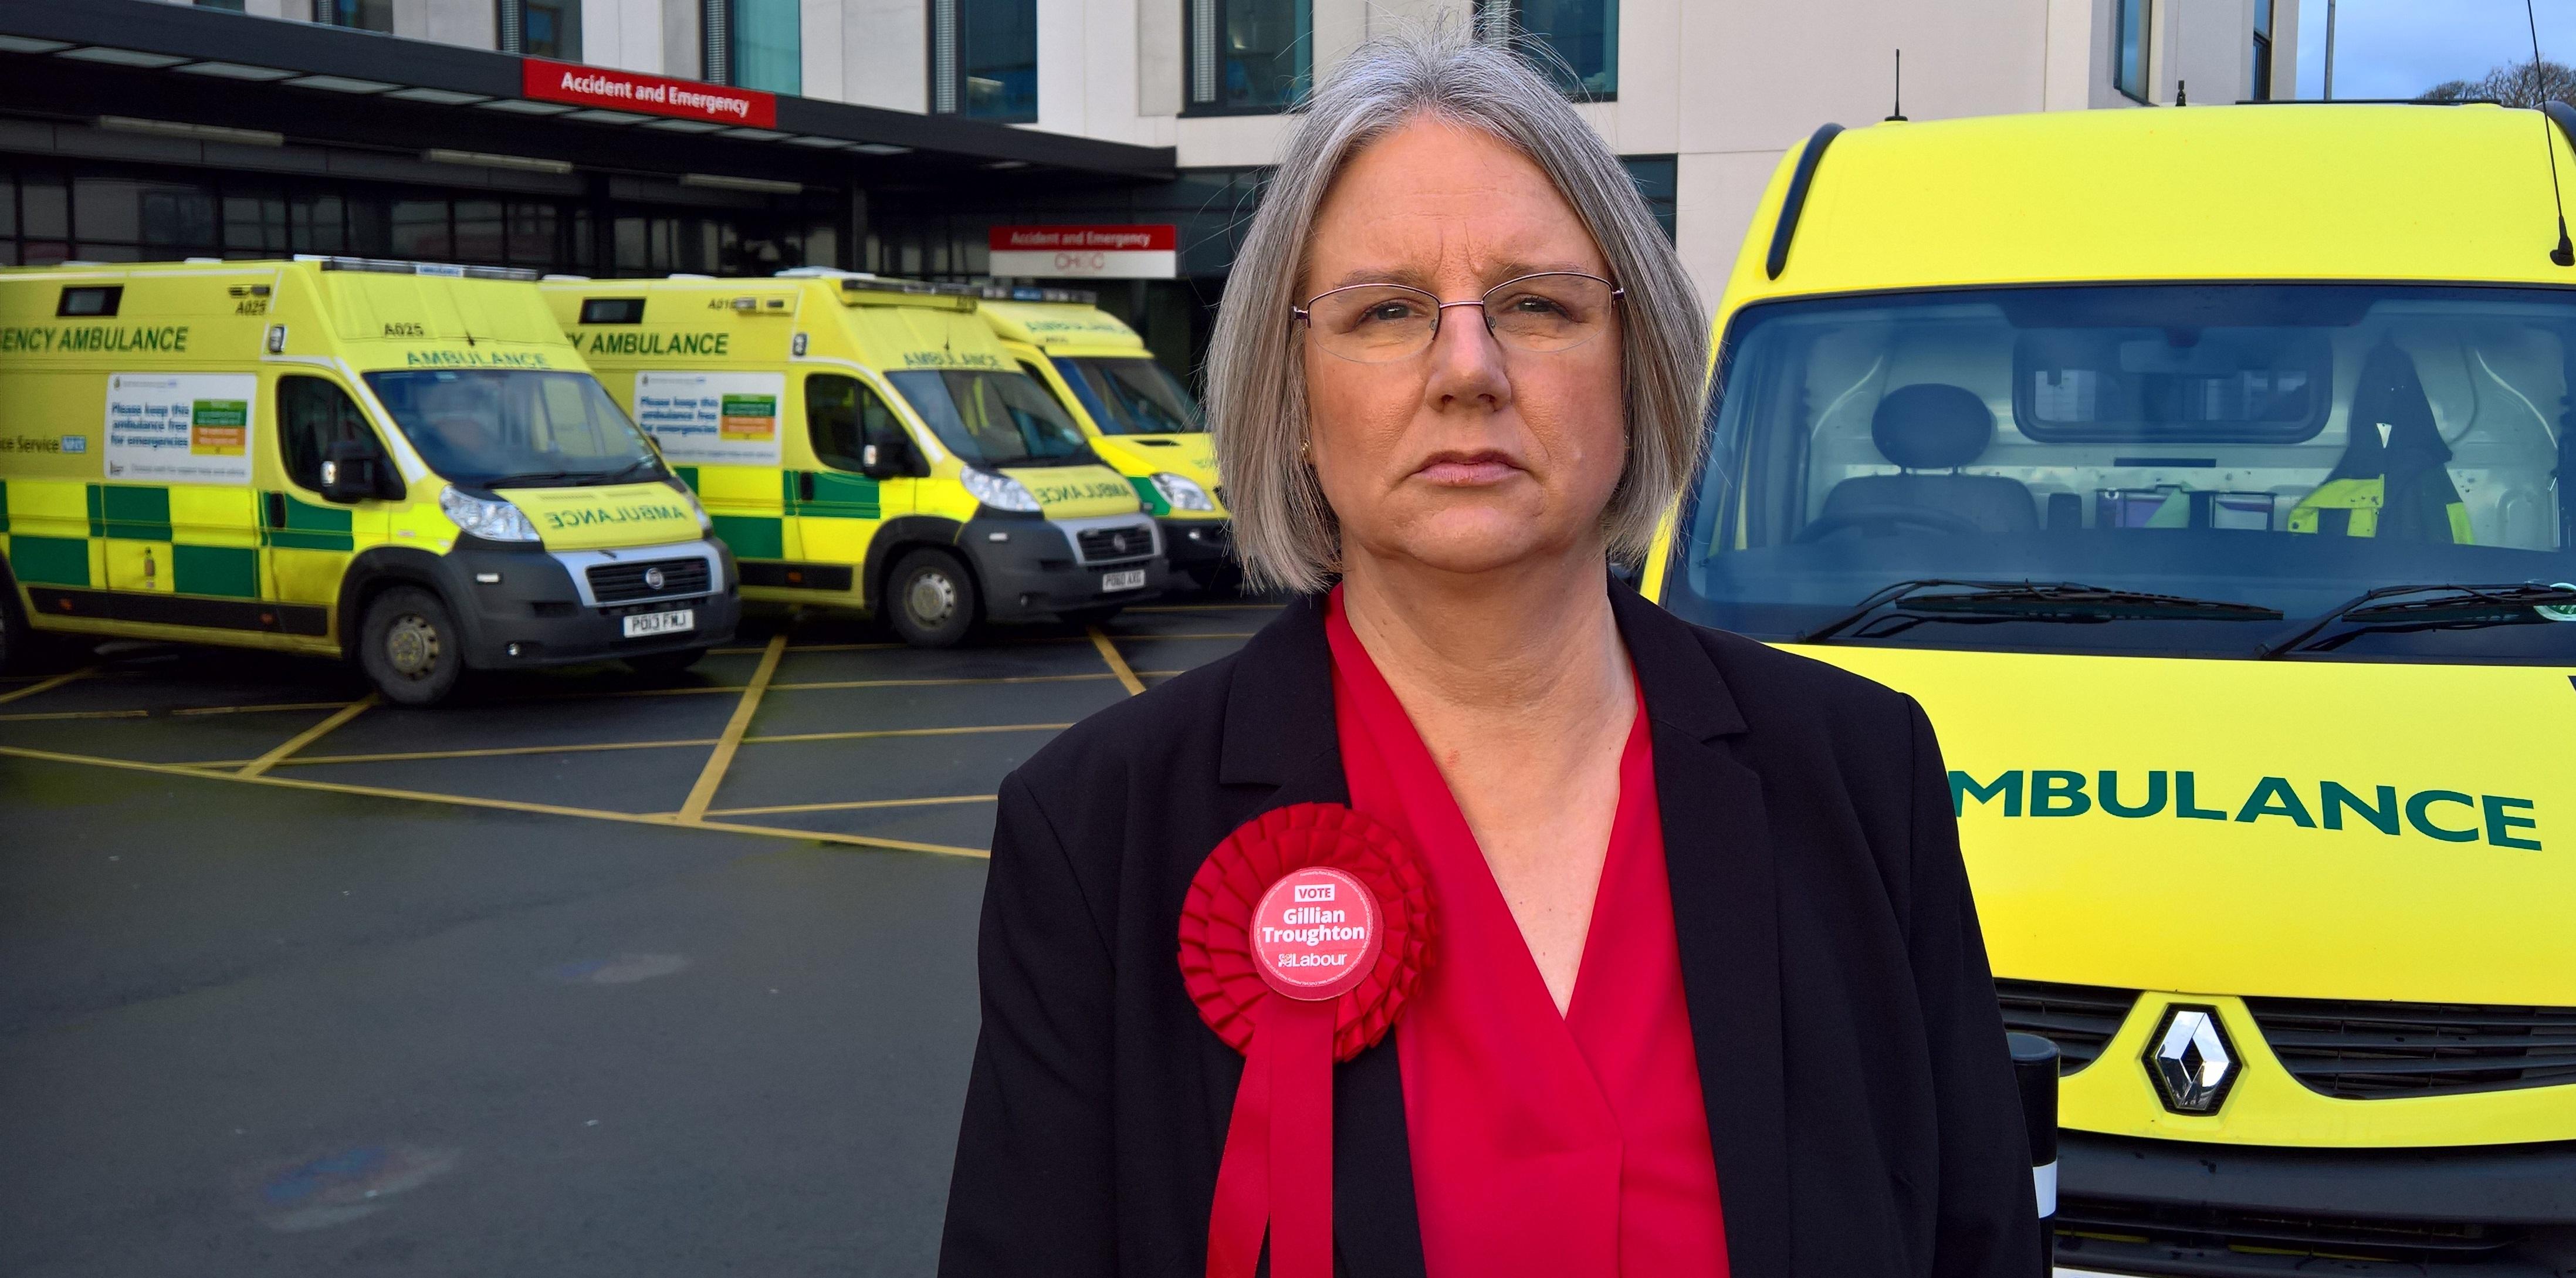 AmbulanceWCH.jpg